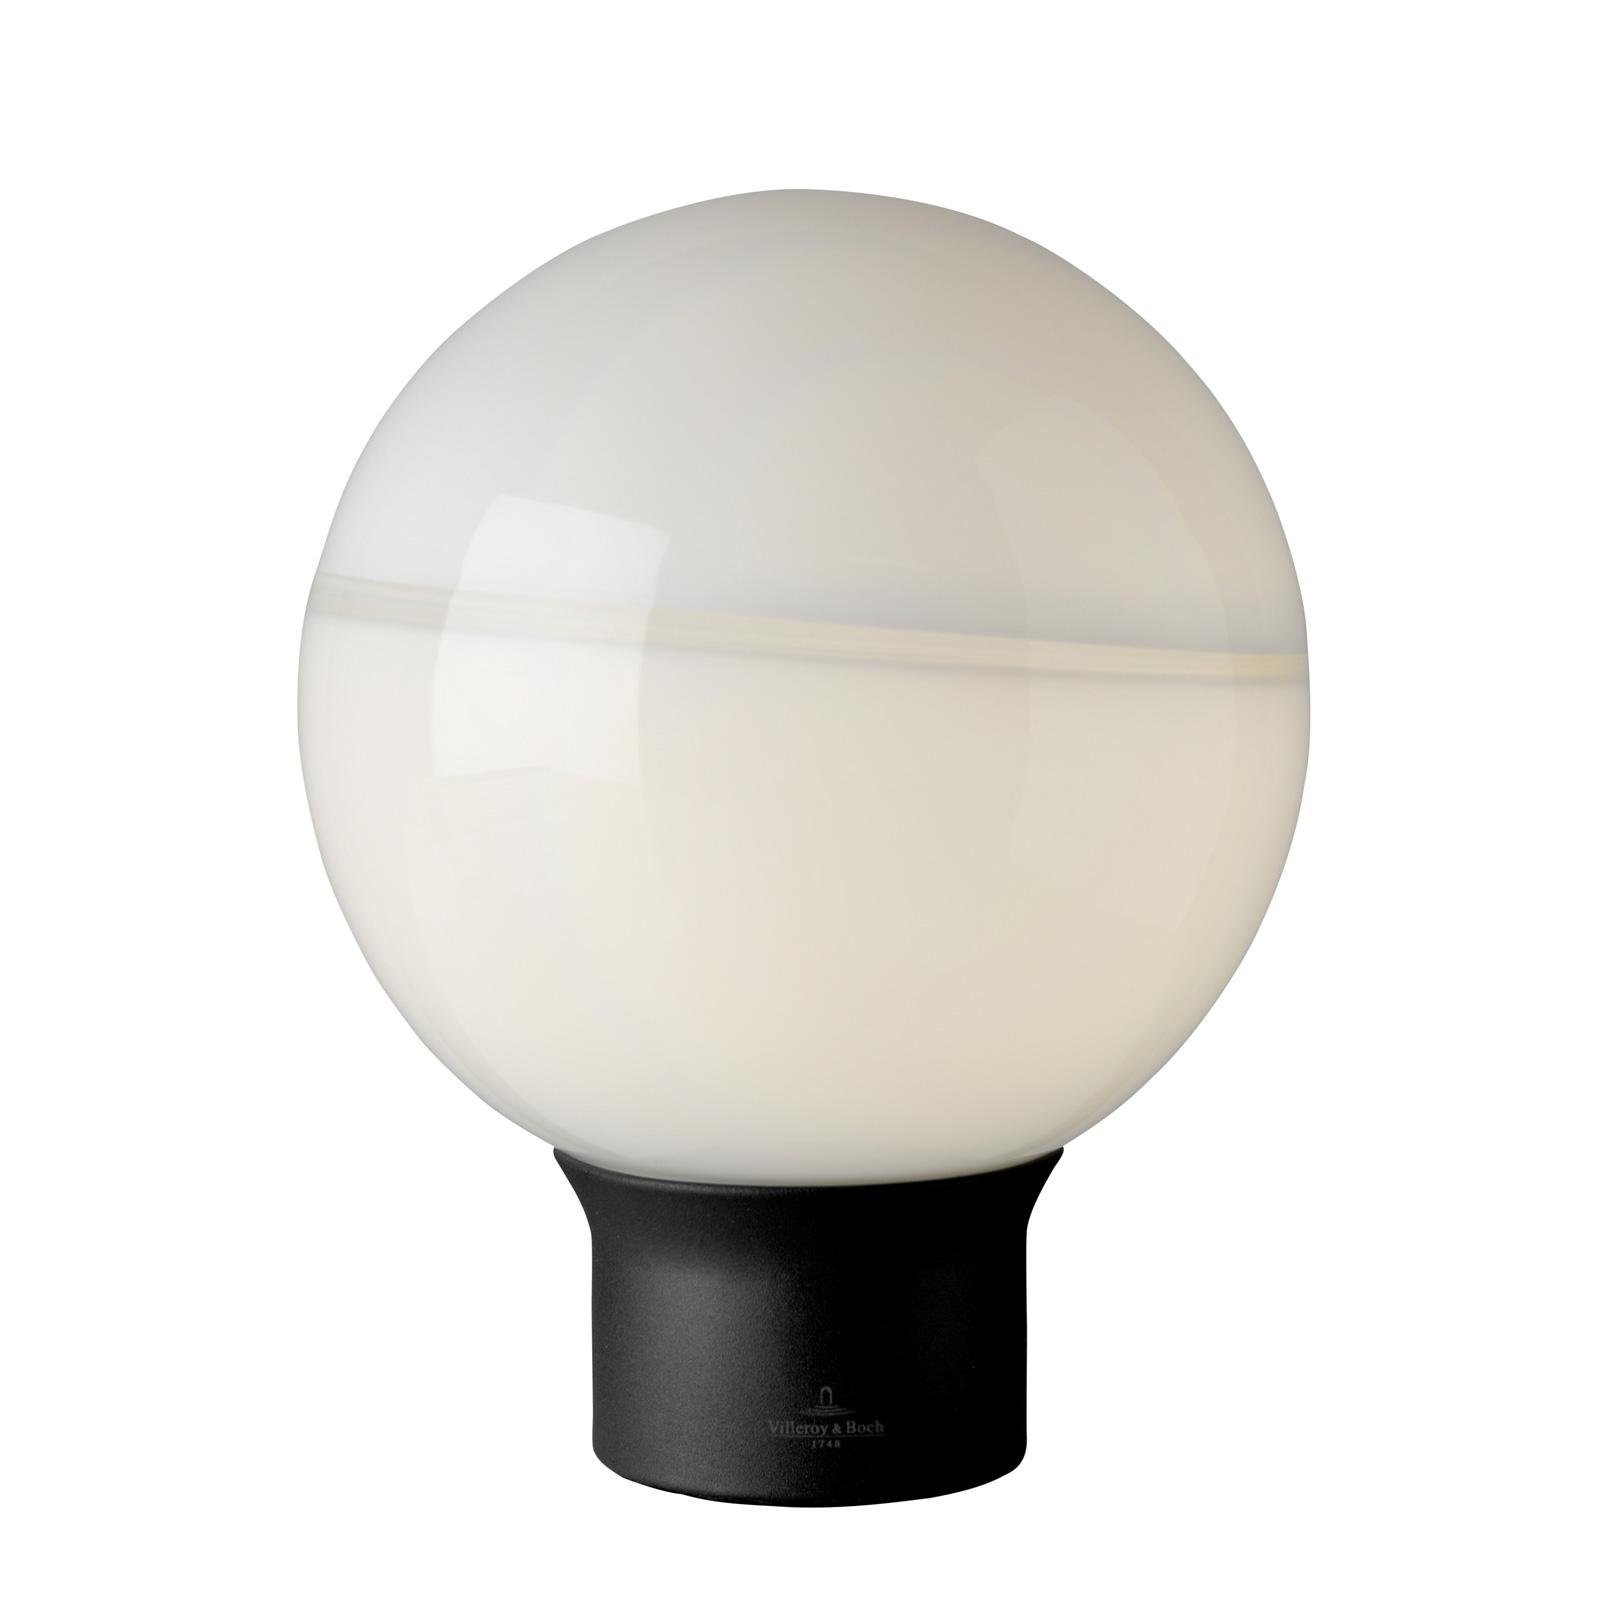 Villeroy & Boch Tokyo bordlampe, sort-hvid, 20 cm